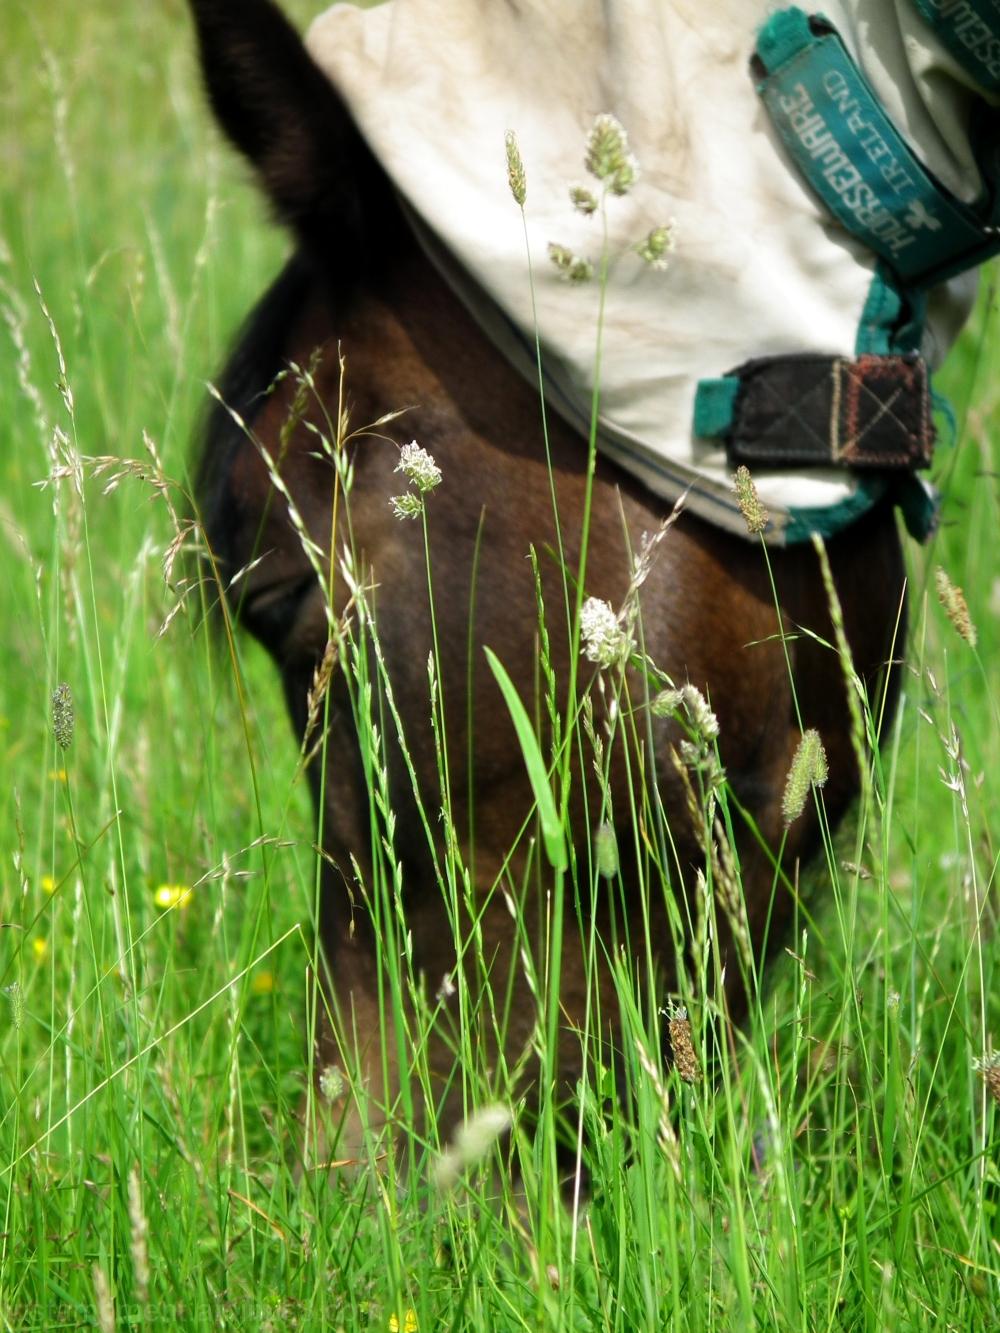 Horse grass.